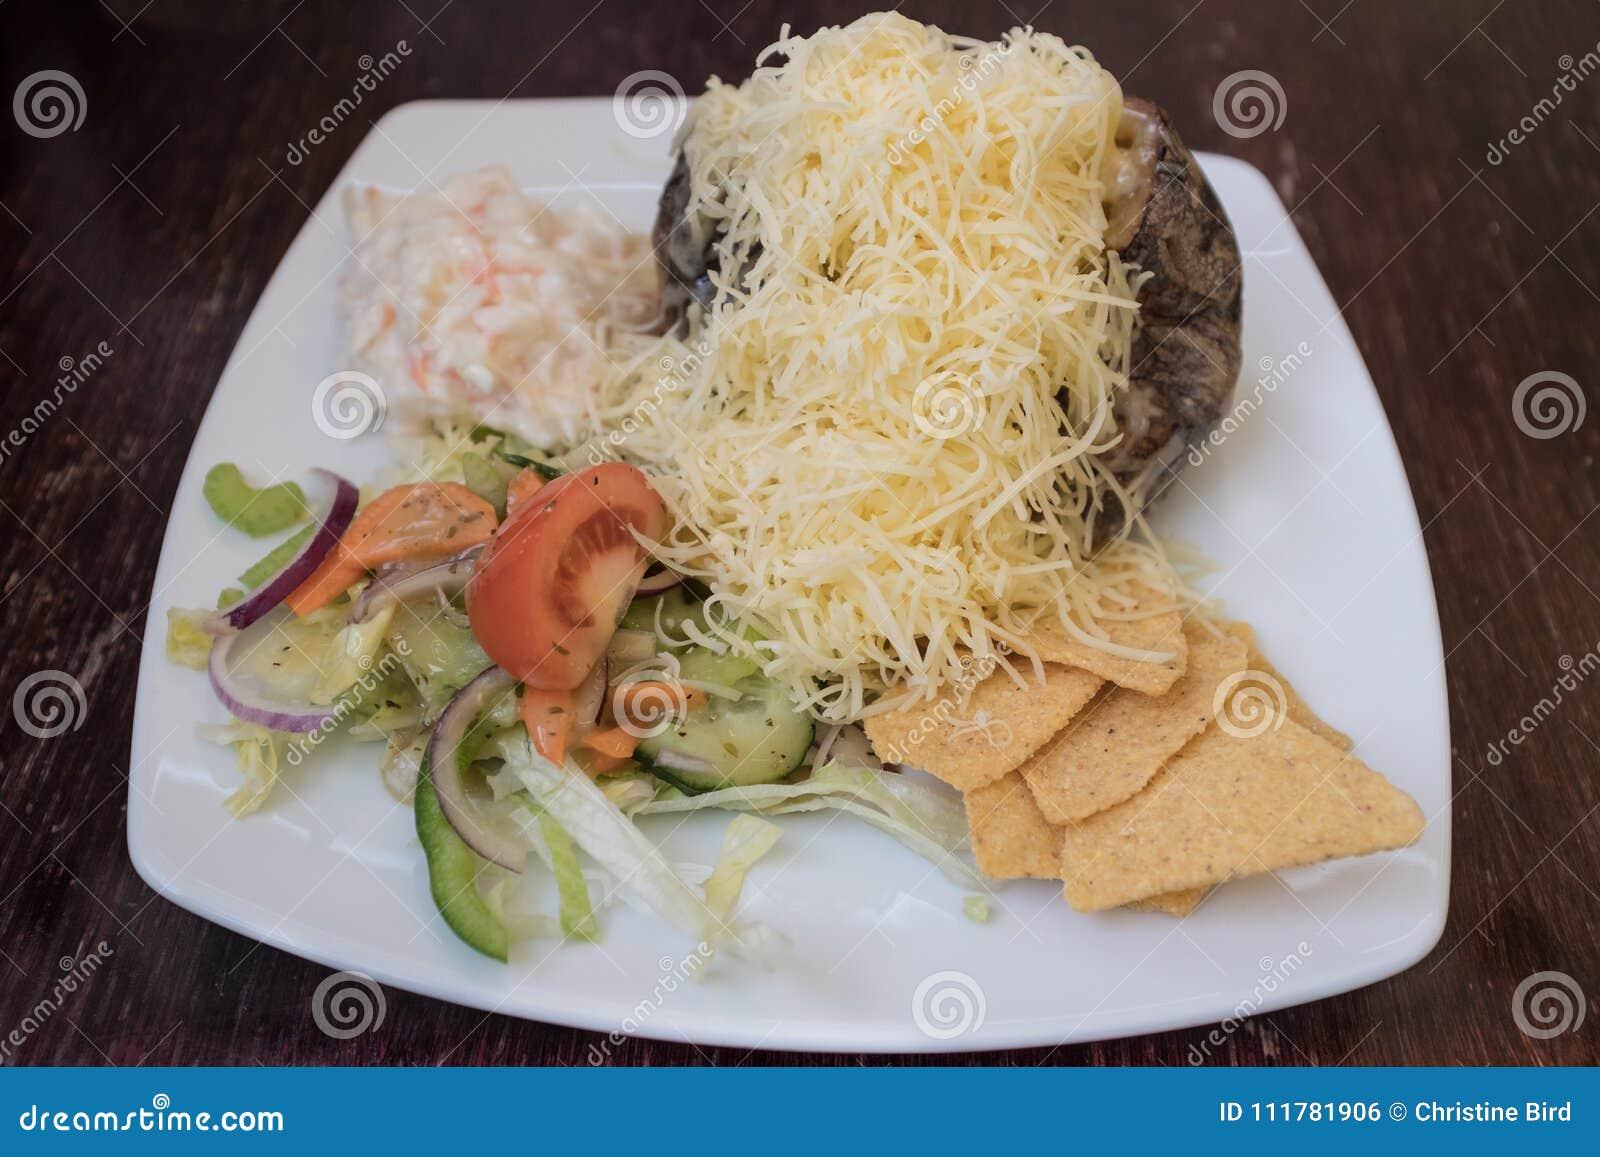 Patata al forno con formaggio grattugiato, insalata di cavoli ed insalata